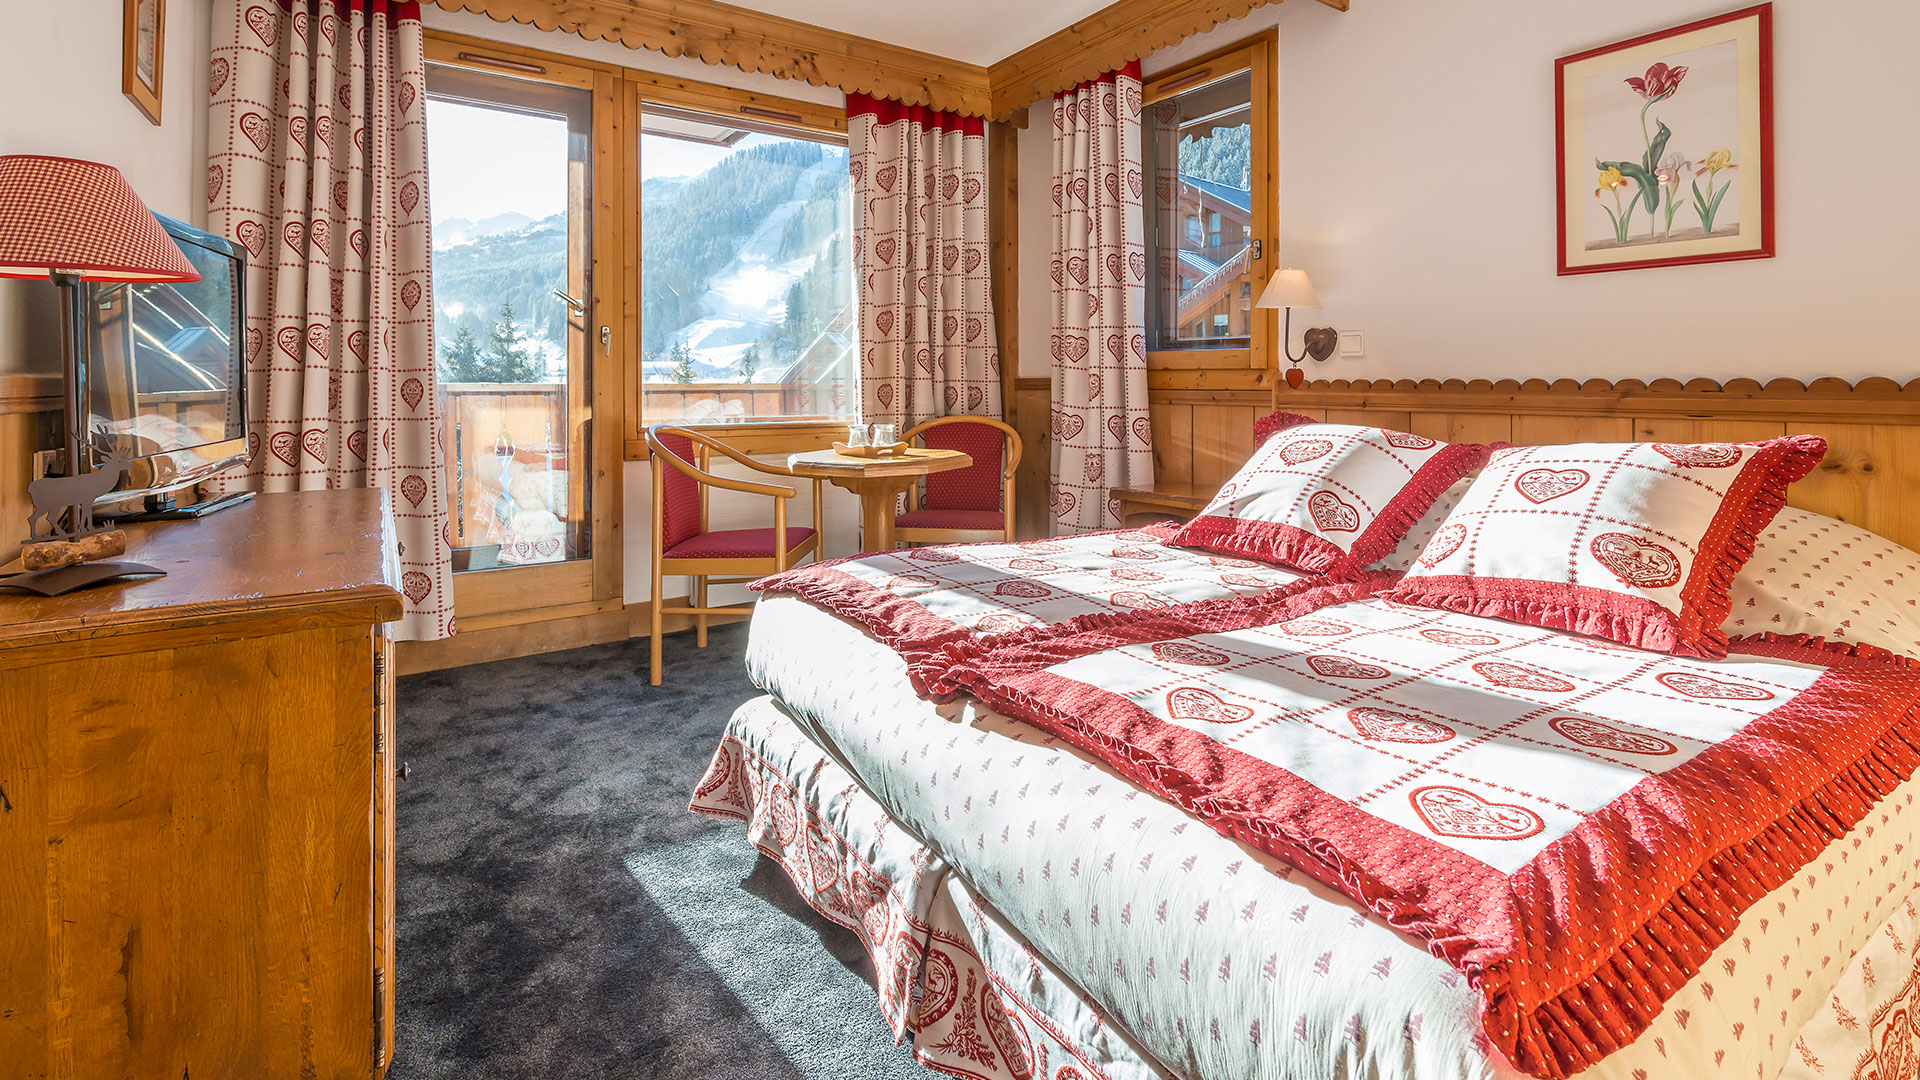 Chambre avec vue sur la montagne hôtel 3 étoiles Savoie